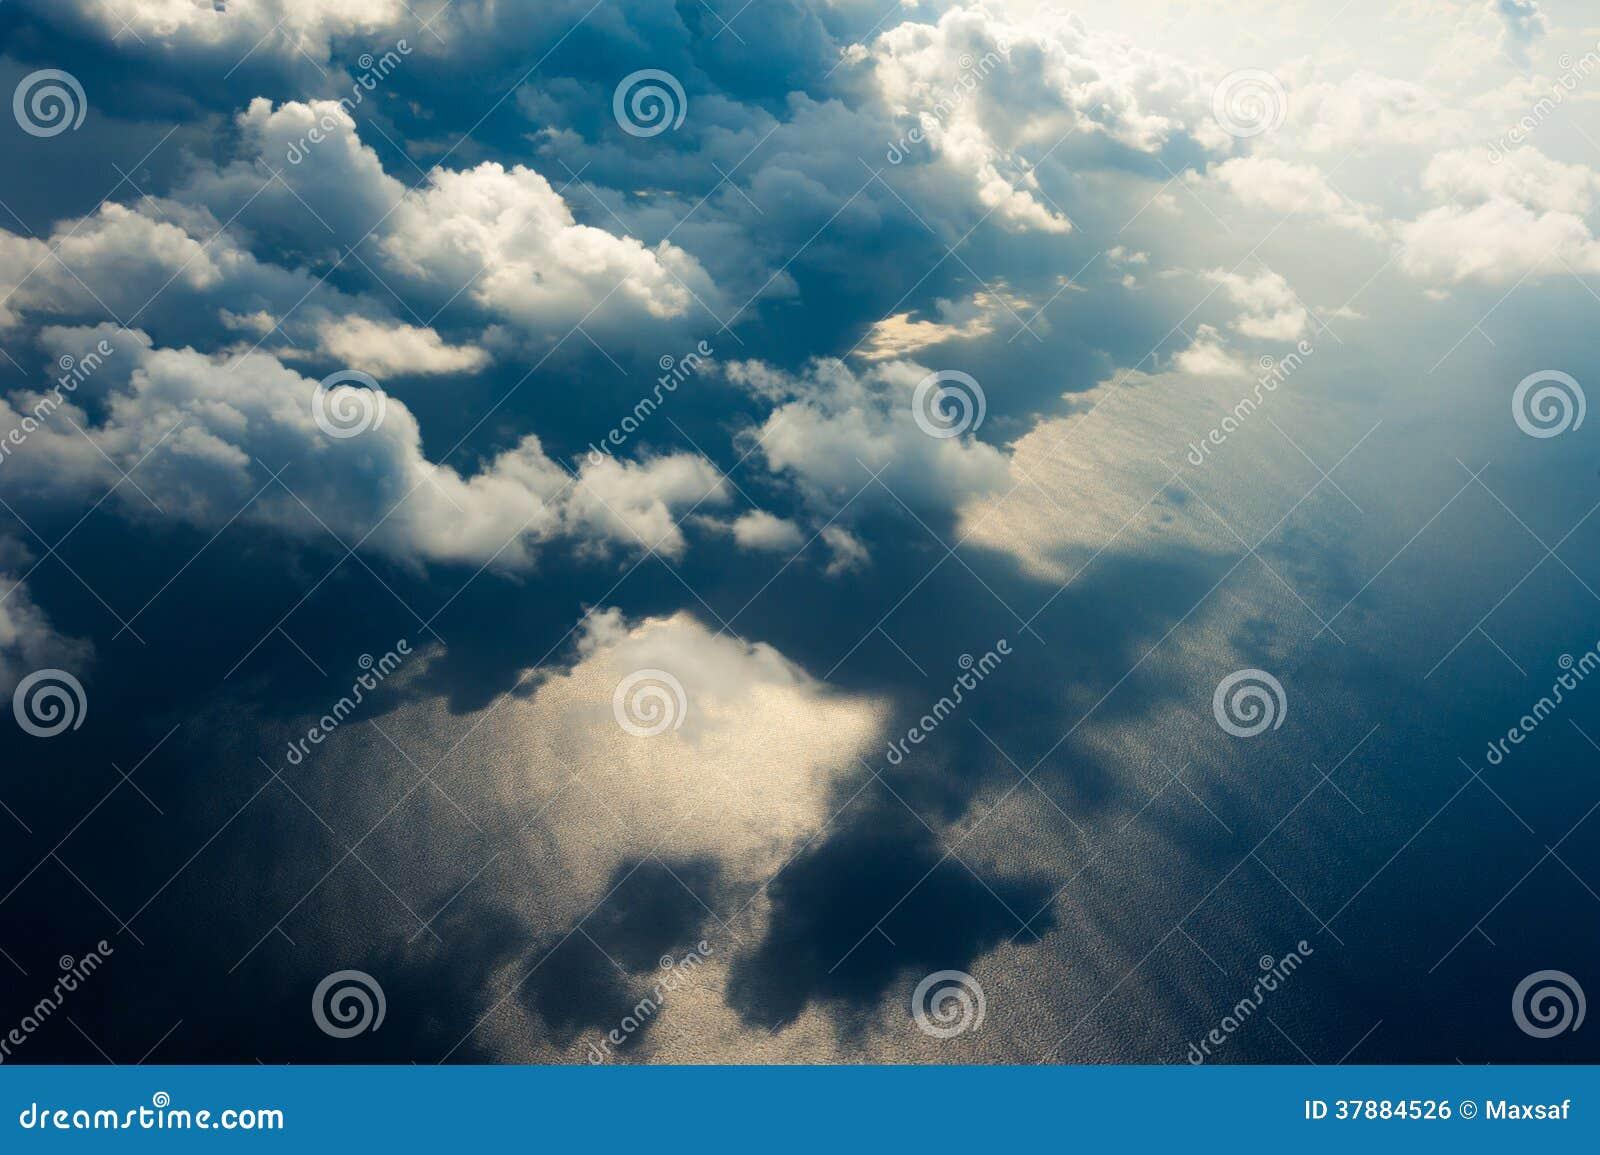 Mooie cloudscape met blauw oceaanwater als achtergrond